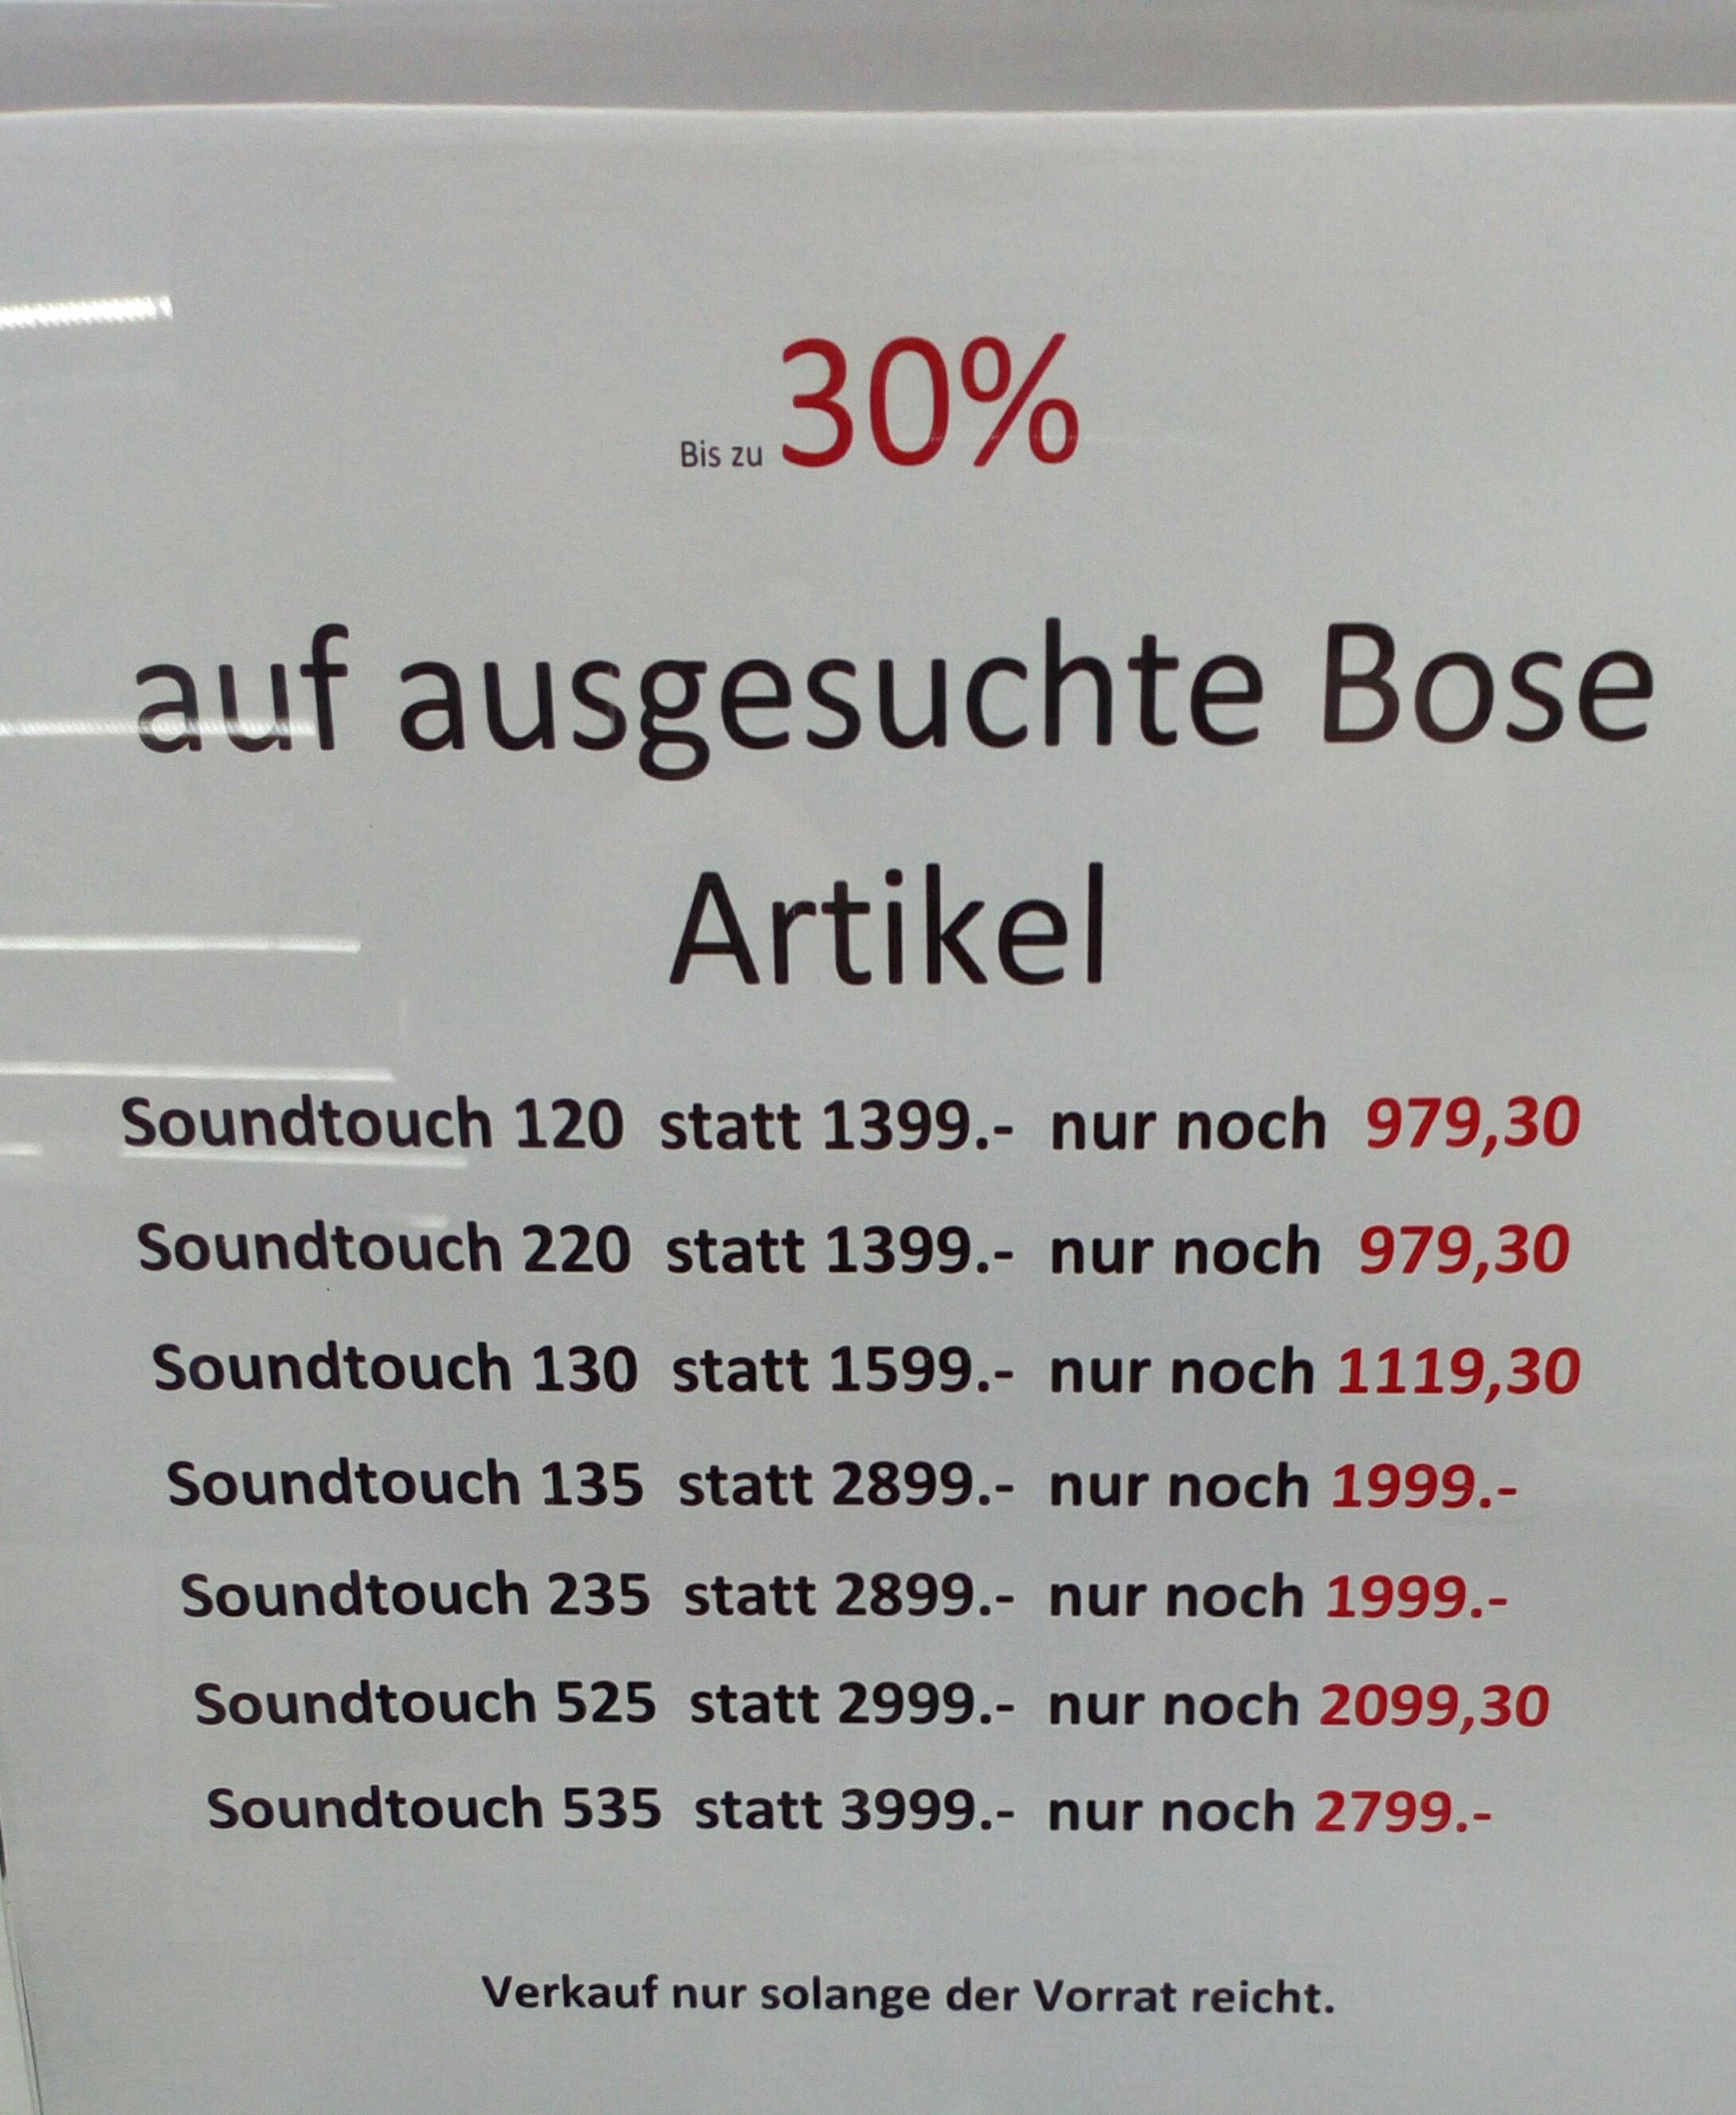 Expert Dinslaken verschiedene Bose Soundtouch bis zu 30%